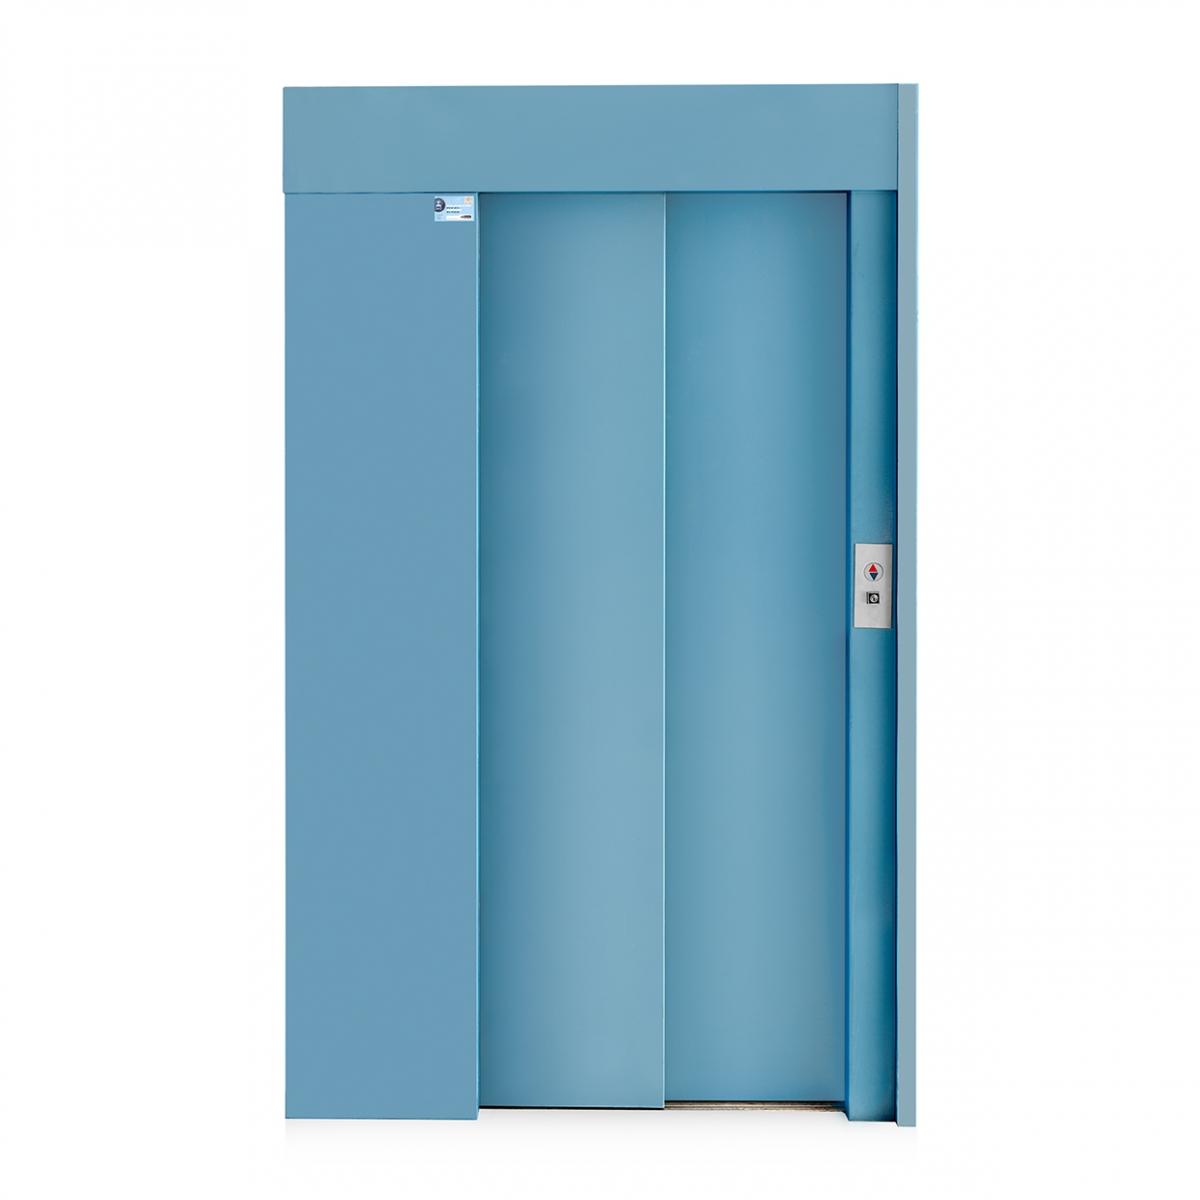 Imagen en la que se ve un ascensor desde fuera